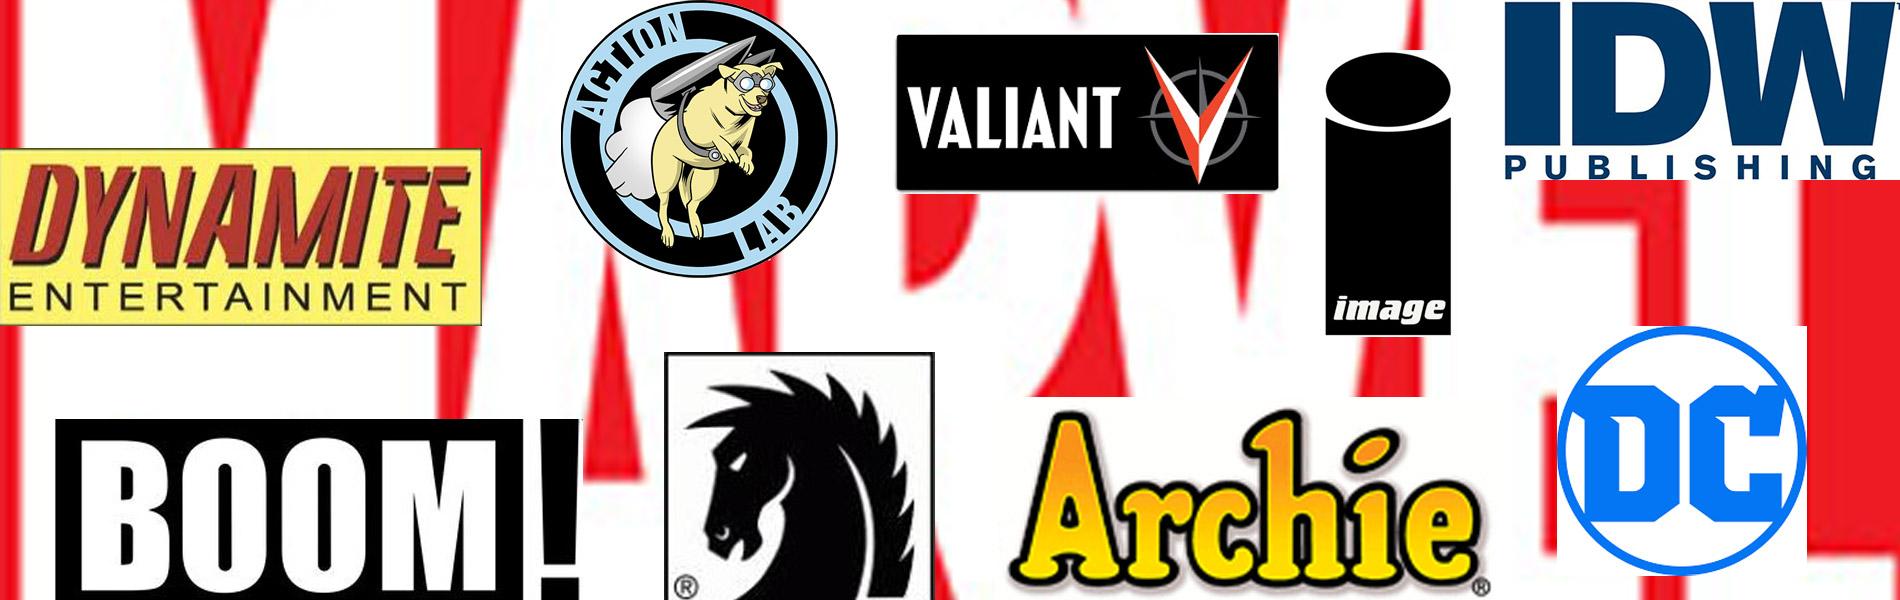 God of Comics – Comic Publishers